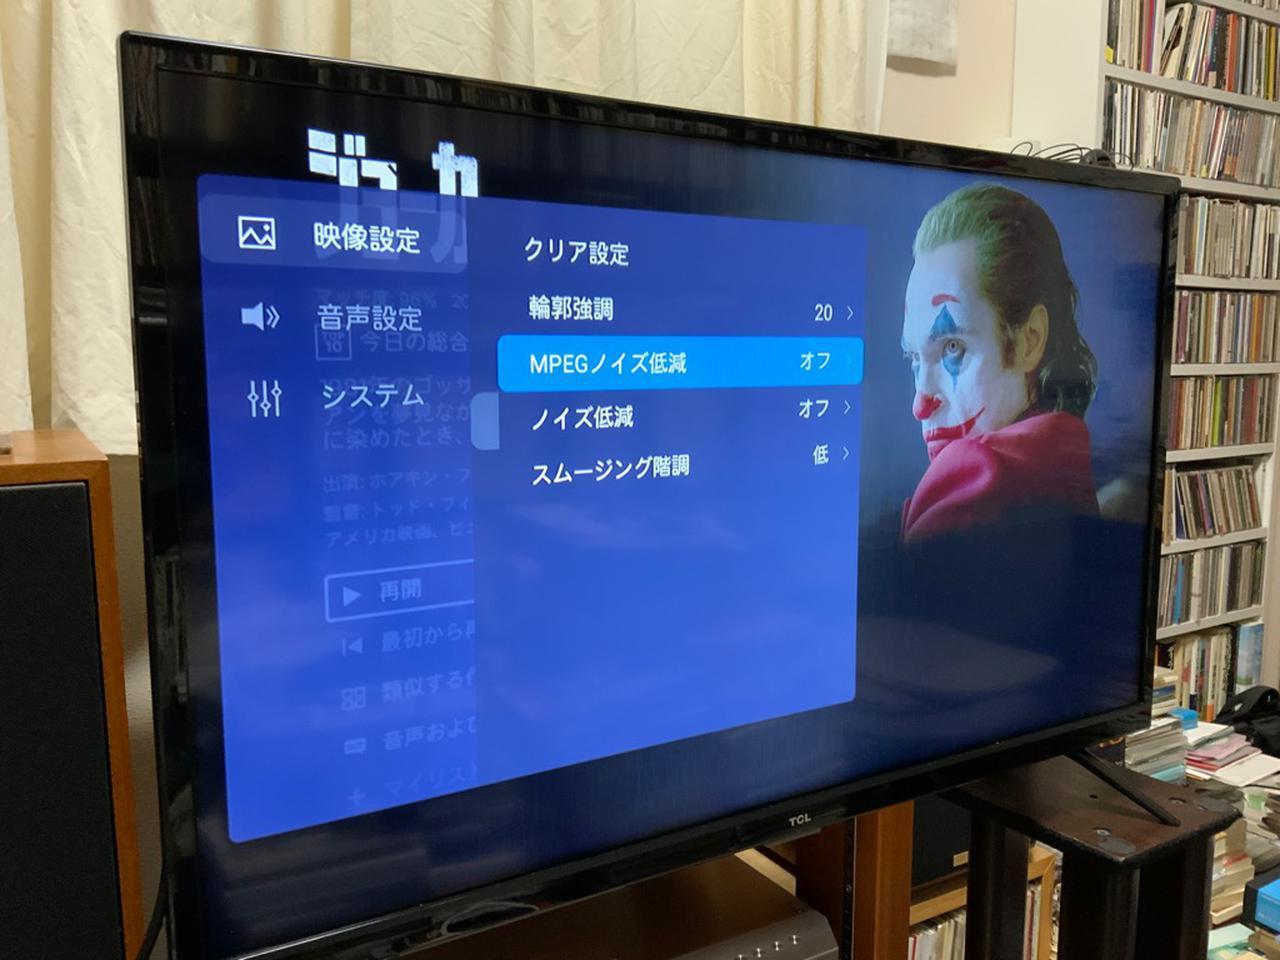 画像: 画質はリモコンのメニューボタンの「映像設定」から輝度や濃淡が調整できる。今回はそれらの調整に加えて「詳細設定」の中の「クリア設定」で「MPEGノイズ低減」「ノイズ低減」をオフにした